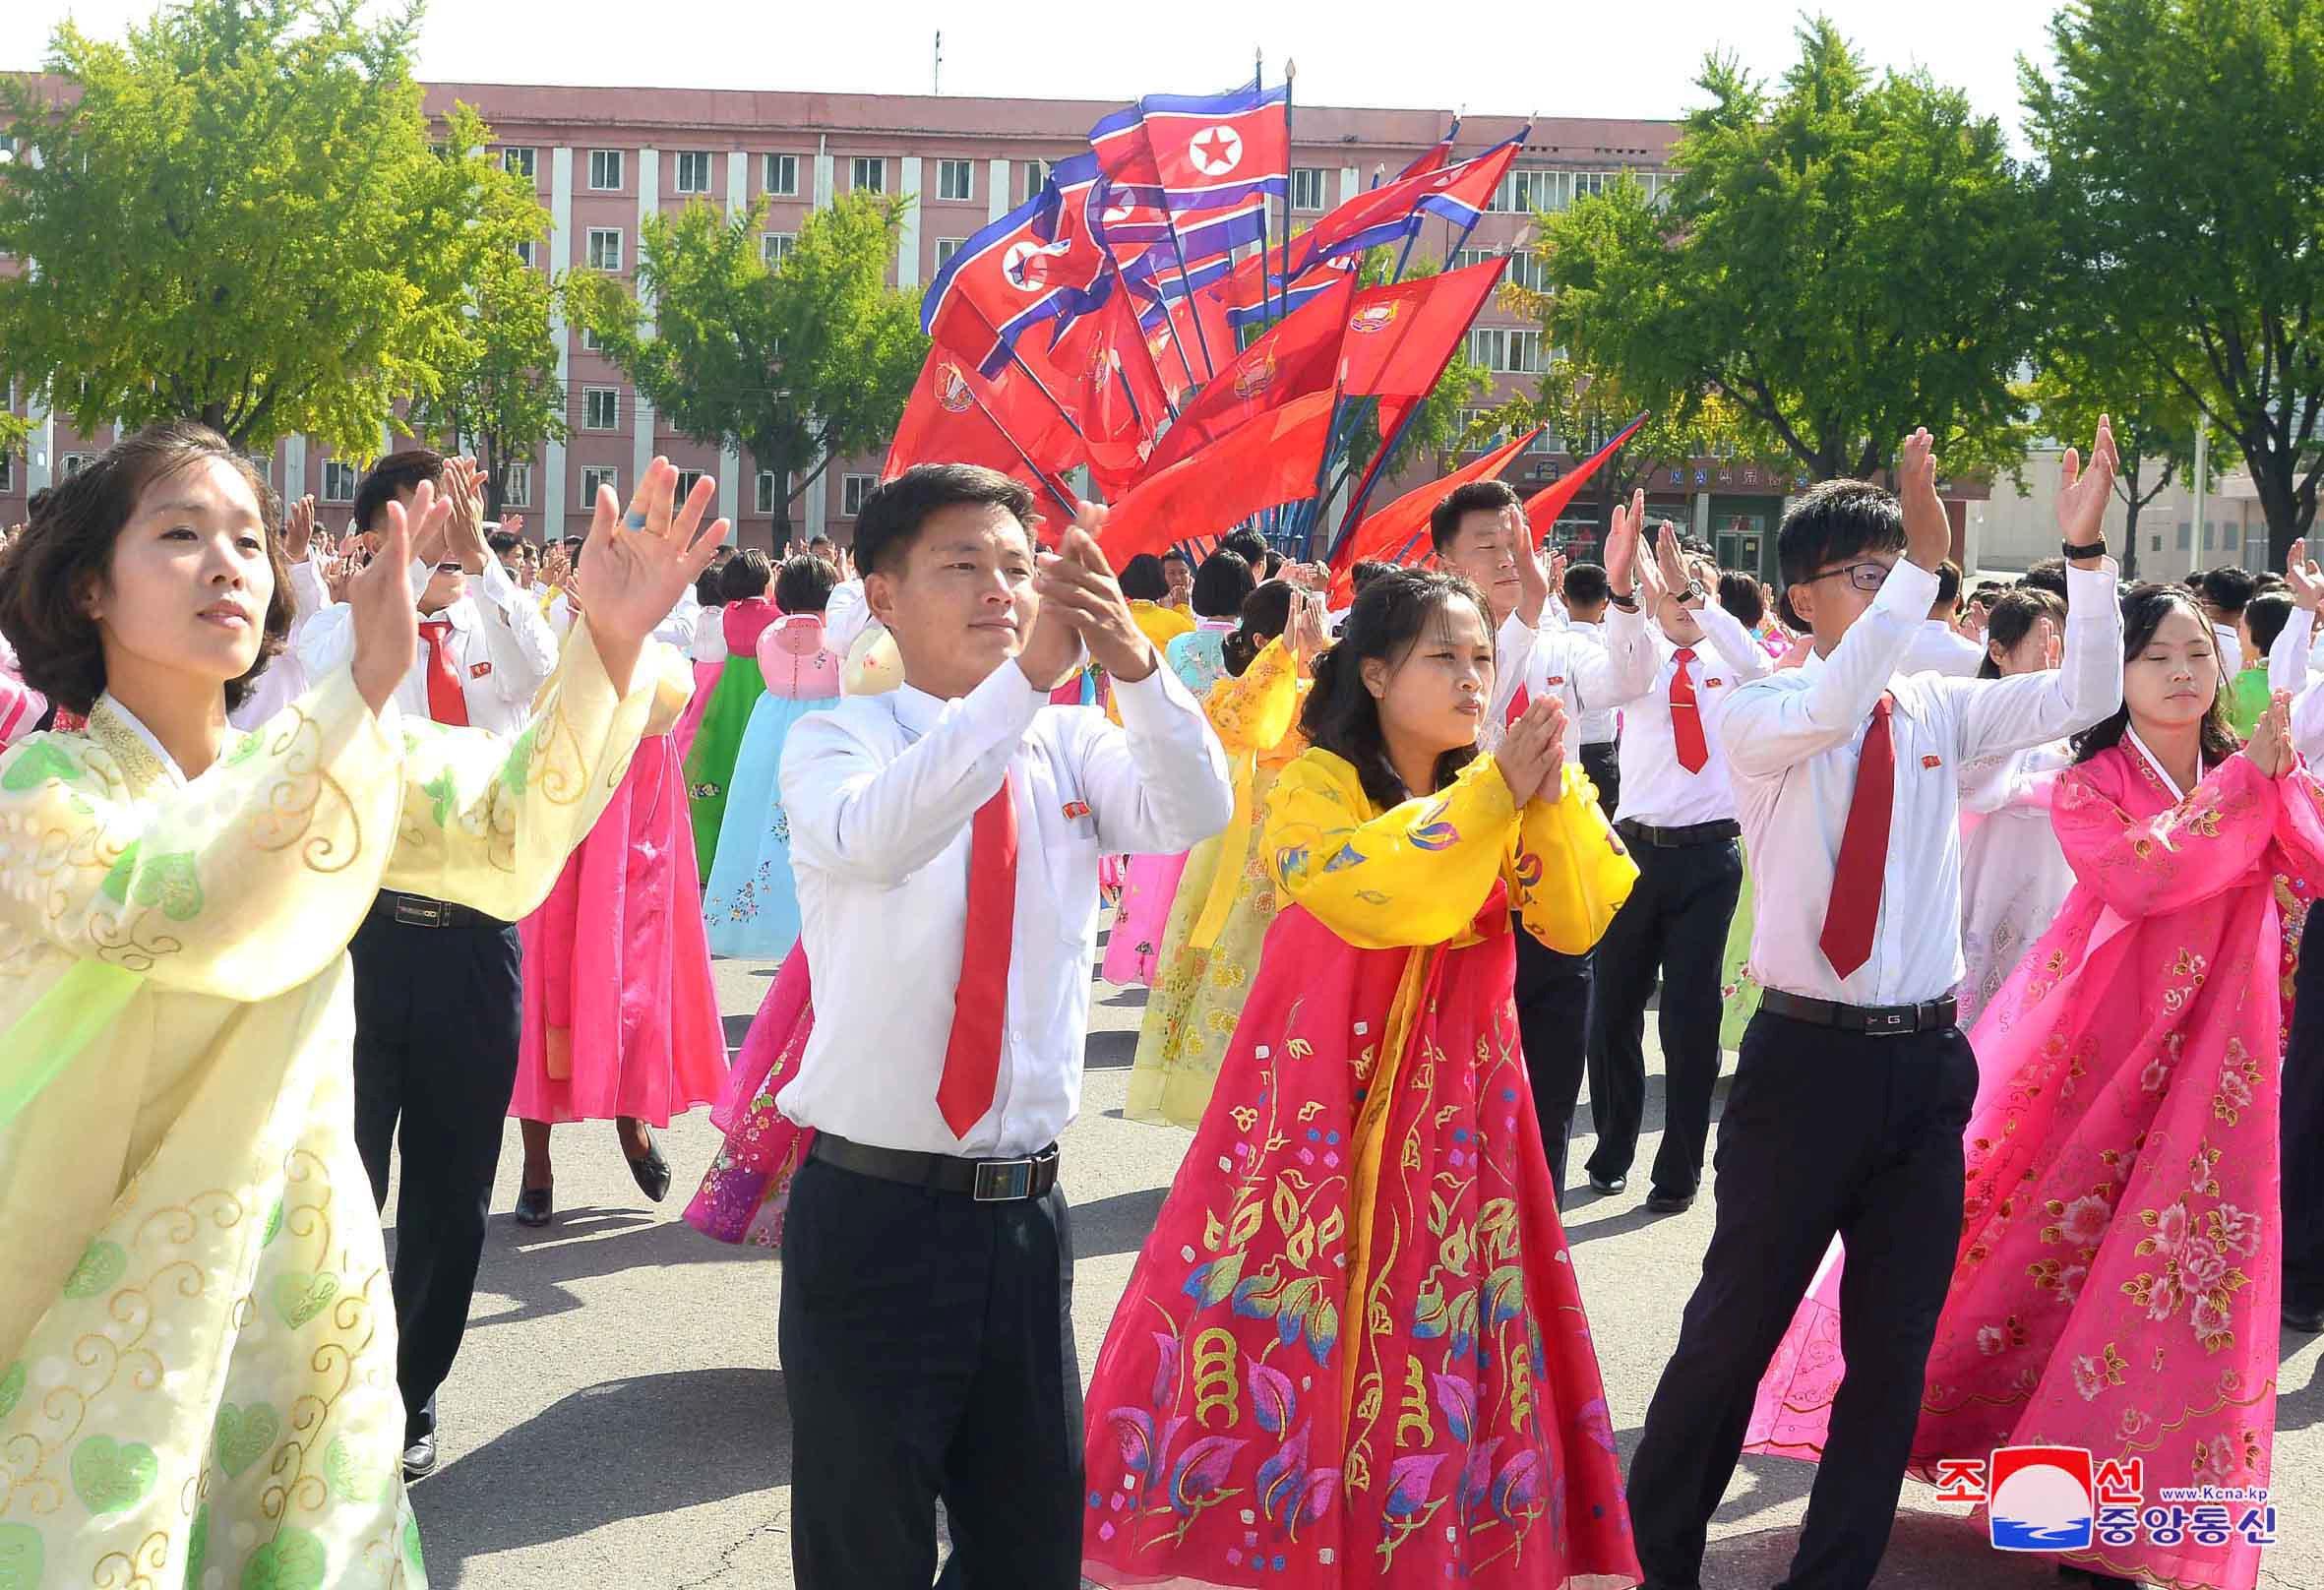 مواطنو كوريا الشمالية يحتفلون فى الشوارع